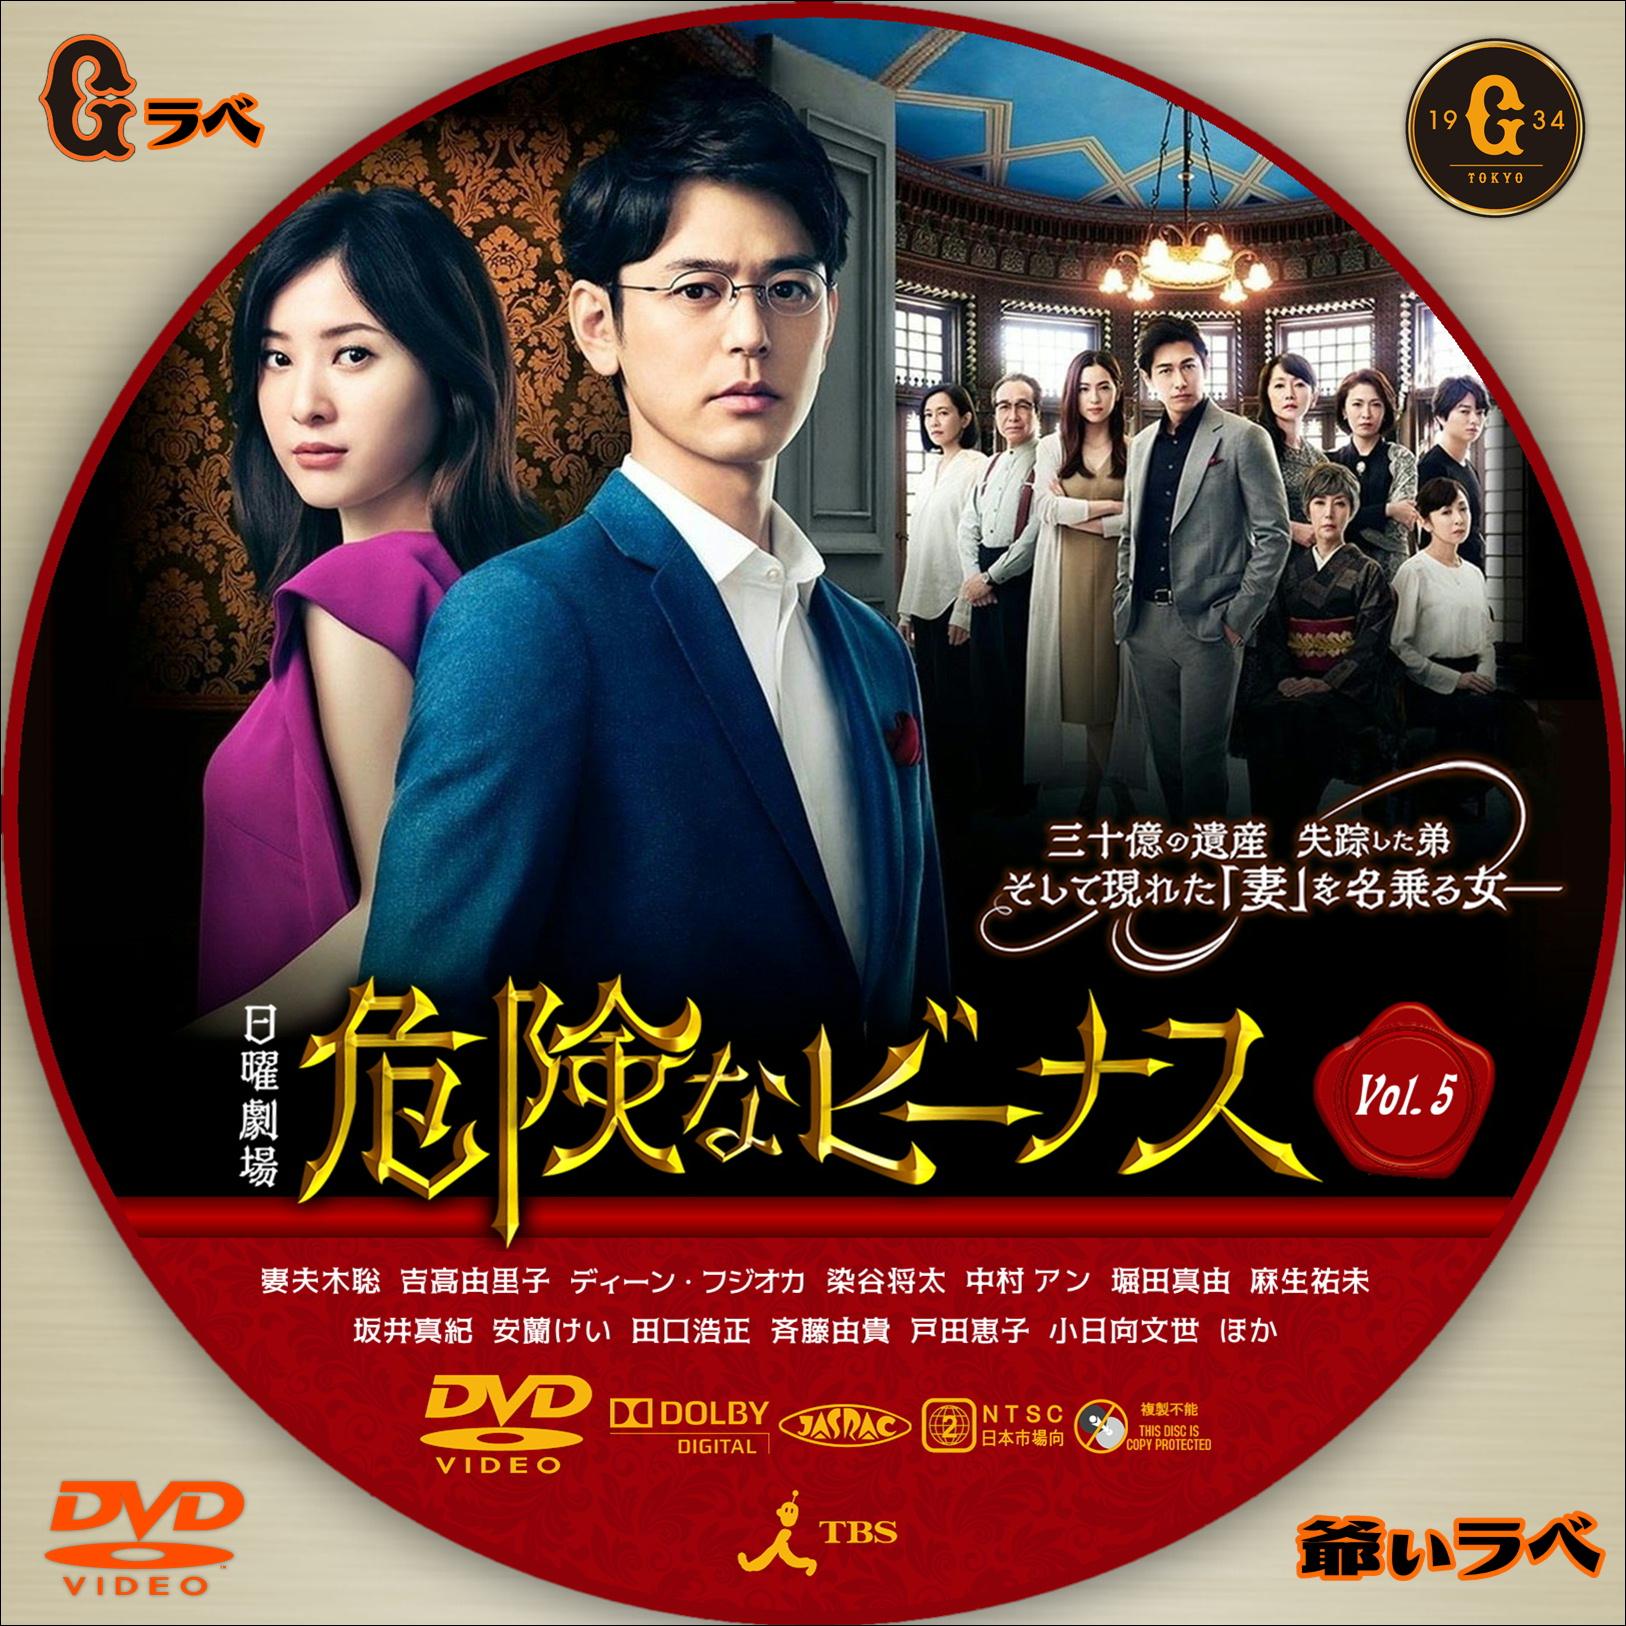 危険なビーナス Vol-5(DVD)